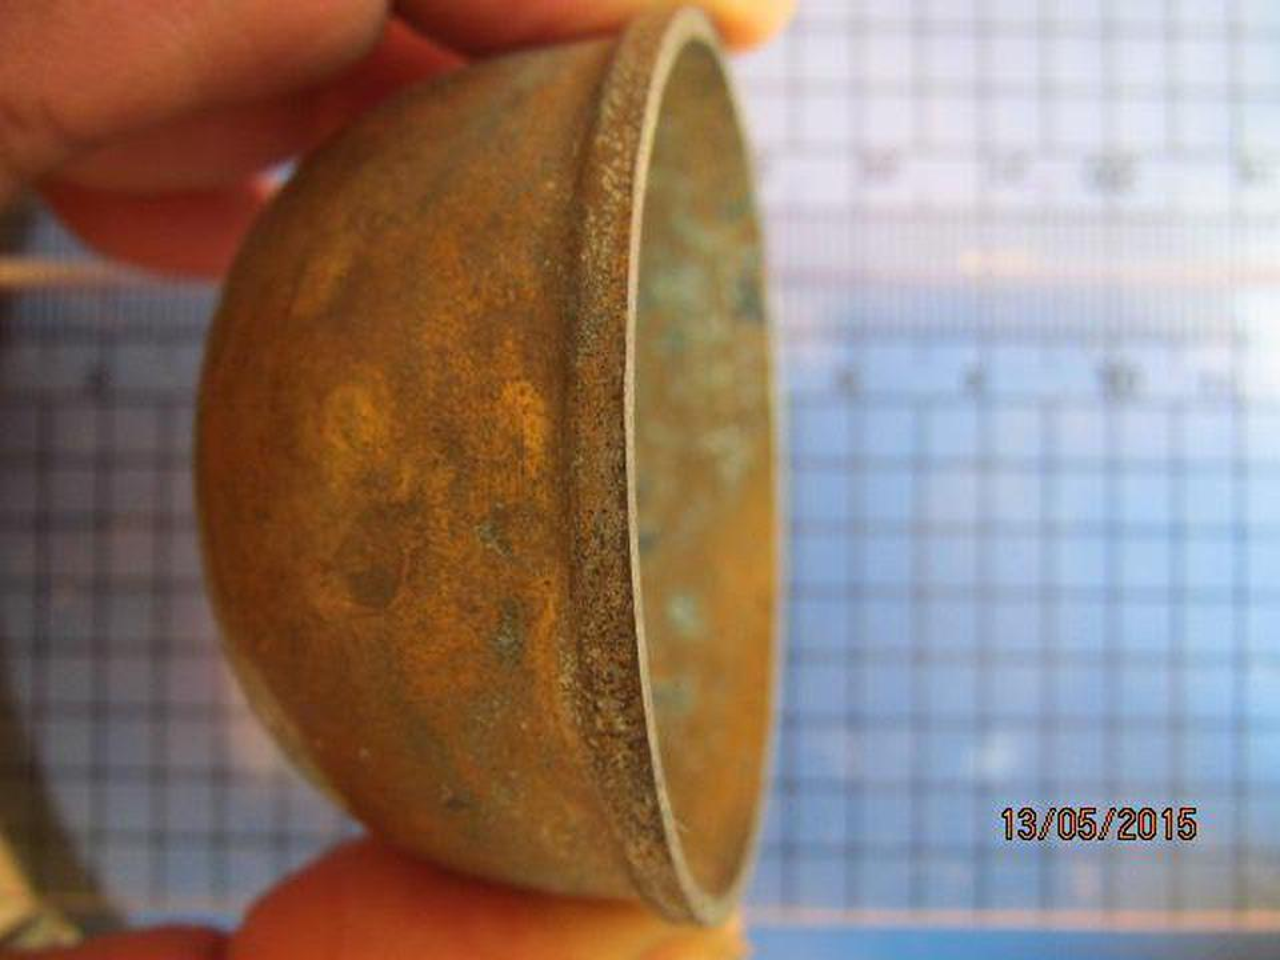 1982 ถ้วยทองเหลือง ความกว้างขนาด 2 นิ้ว สูง 1 นิ้ว ถ้วยทองเห รูปที่ 1